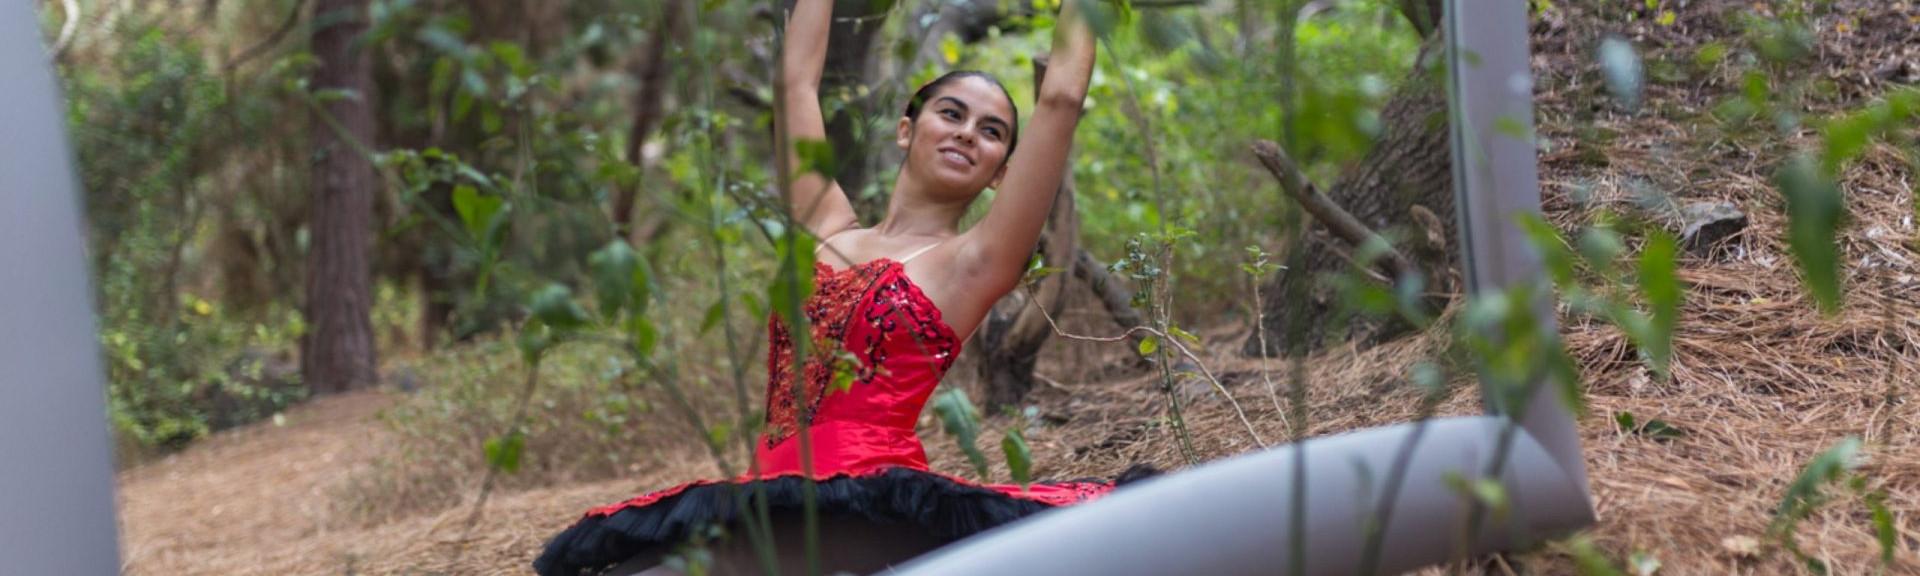 Foto de una bailarina del Centro de Danza Sandra Santa Cruz en el campo sentada con los pies estirados y haciendo un cambré ante un gran espejo. Tiene zapatillas de puntas y un espectacular tutú de plato en color rojo con adornos en negro, para explicar que el trabajo en el Centro es: Muchomasquedanza